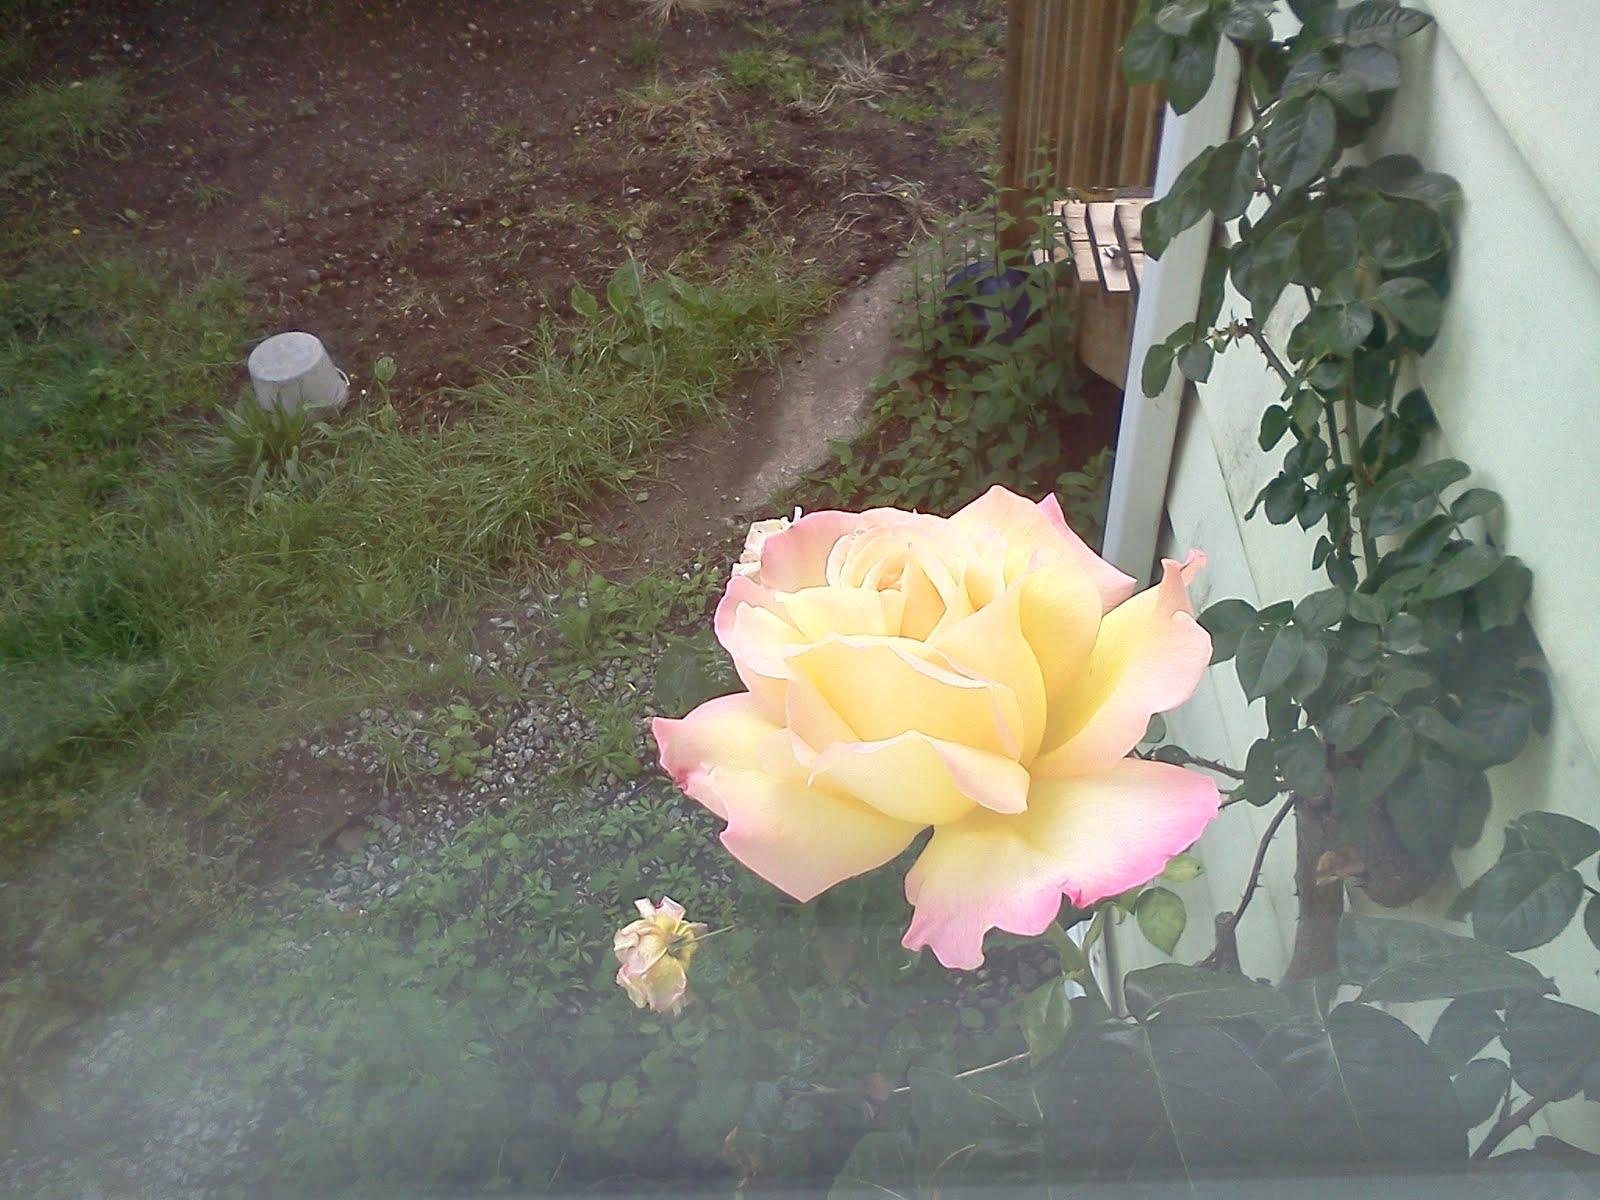 IMG1315 - ROSE.jpg